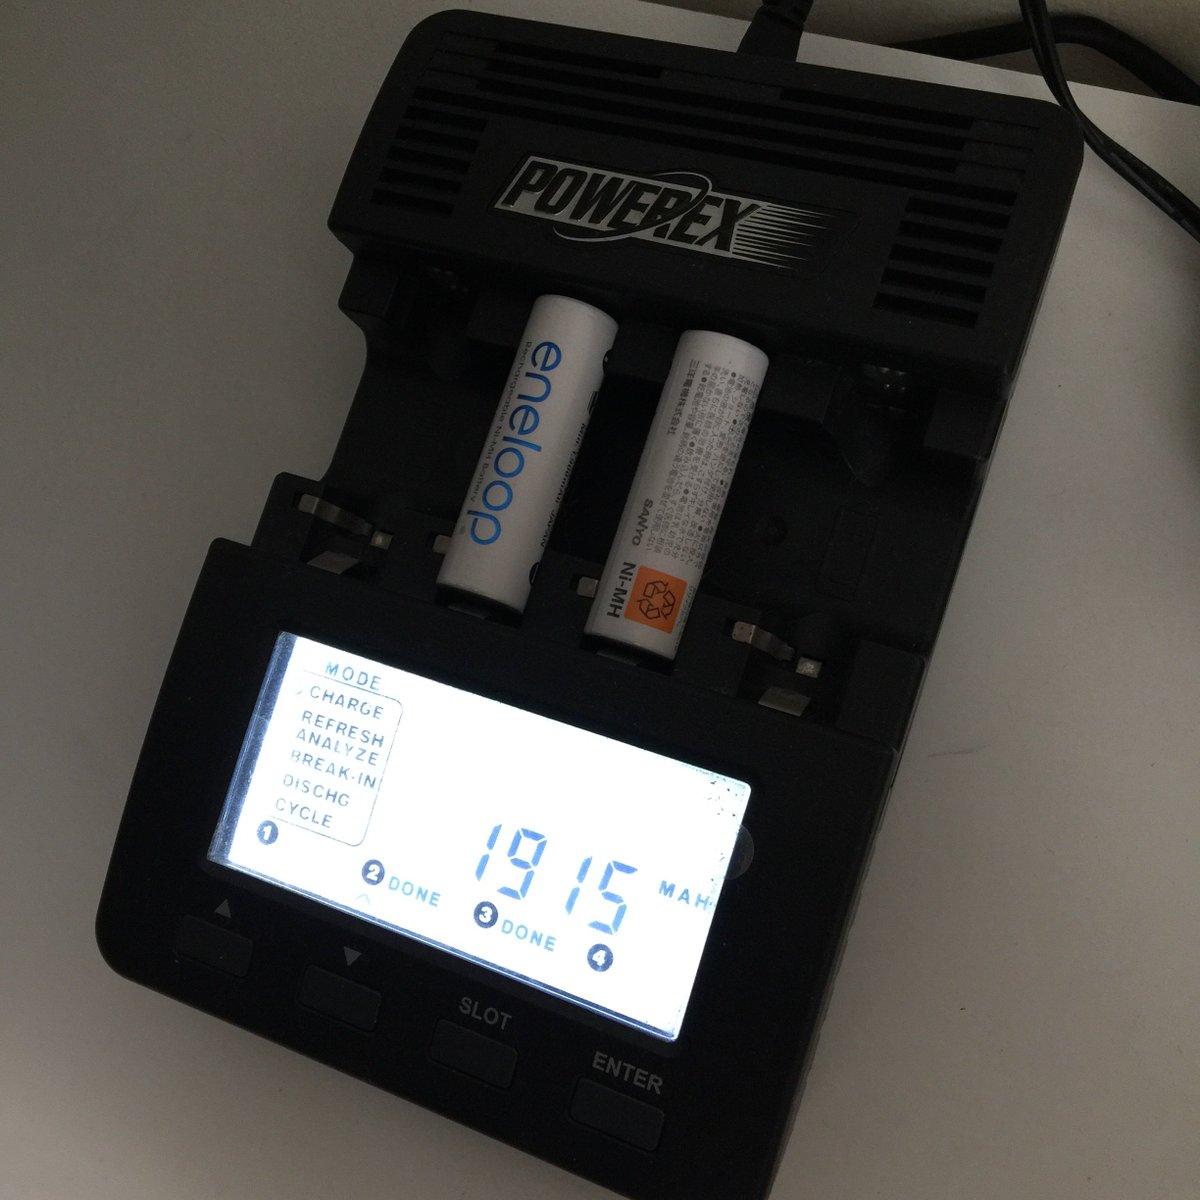 我手头上现役最老的电池:11 年的第三代 eneloop,约四百个循环之后,还能保持这个一致性,而且基本没怎么做保养,都是放电到提示电量低就拿去充电。按官方说的 1800 次循环寿命来估算,那再用十年都不是问题